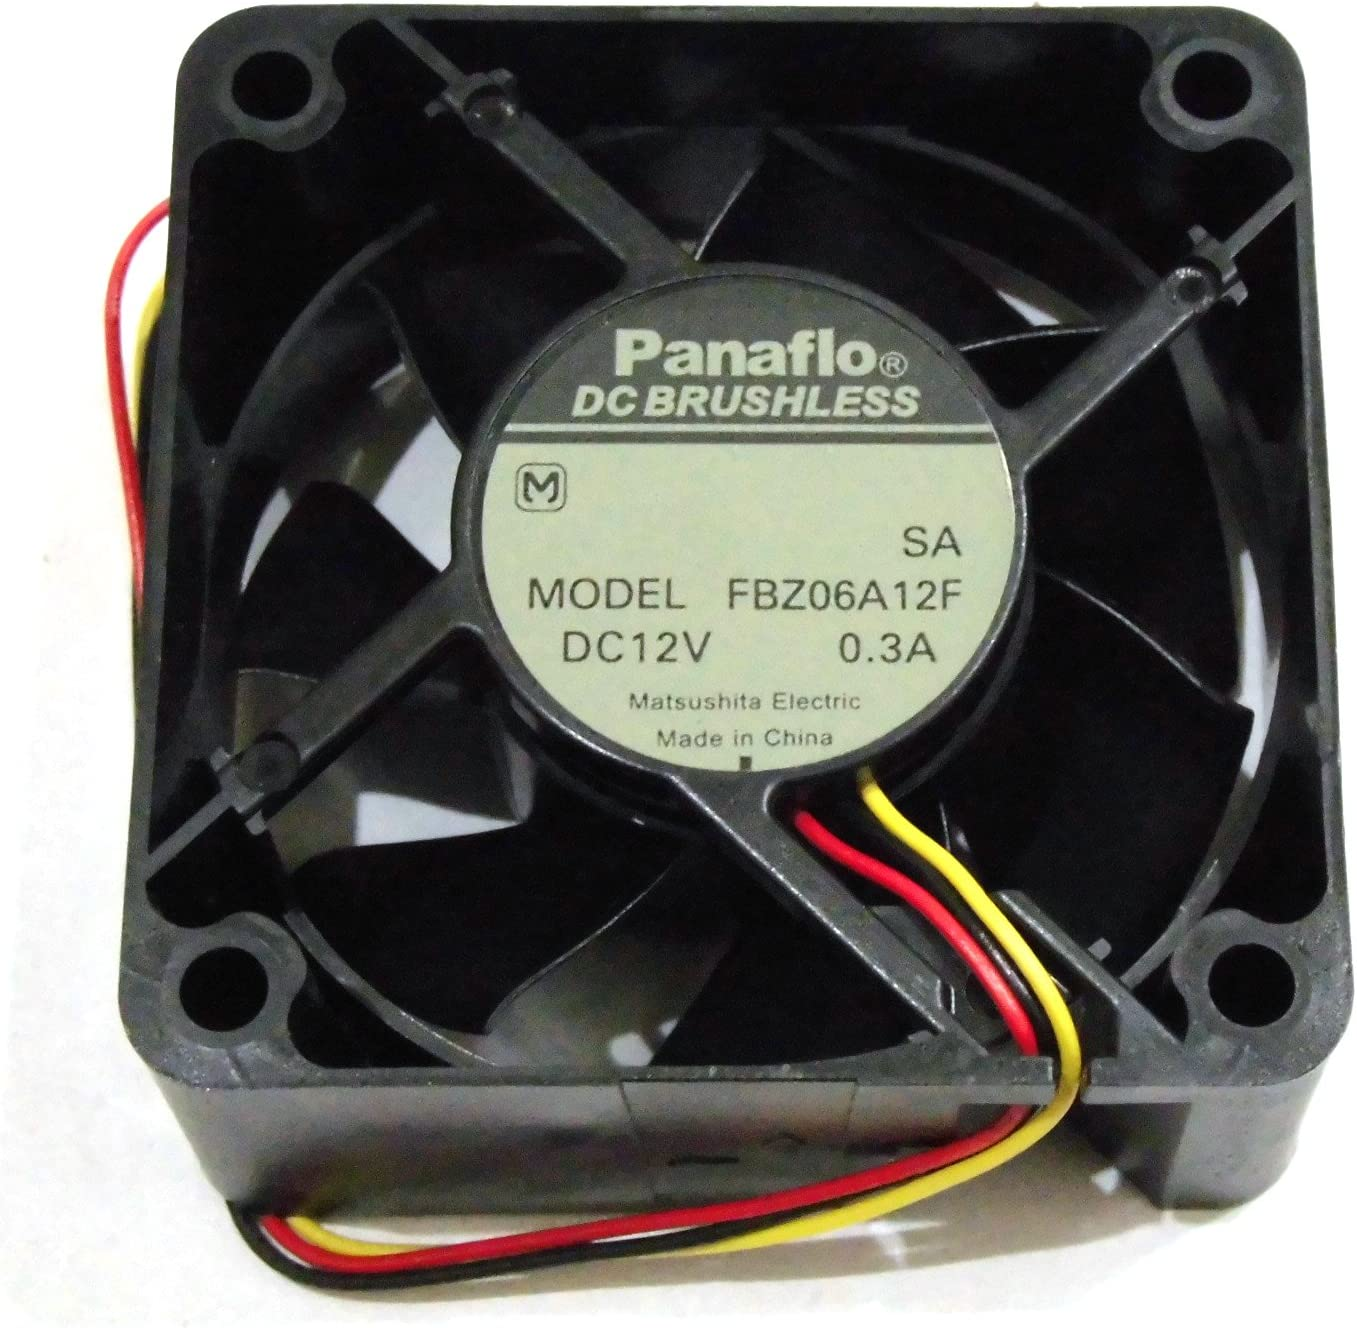 PANAFLO FBA06A12H 12V 0.22A FAN UNIT 3 WIRES